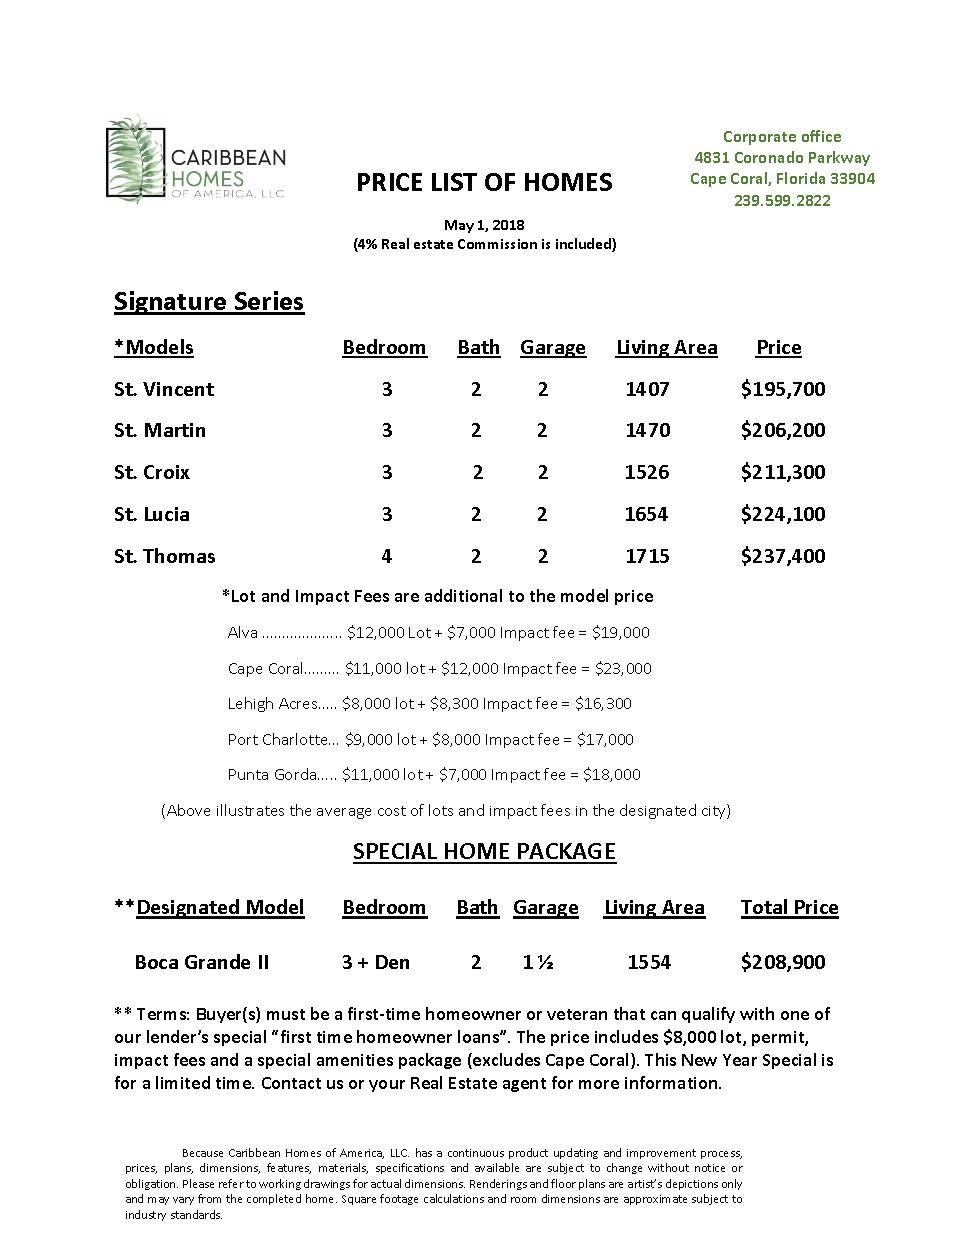 Signature Series Home Prices